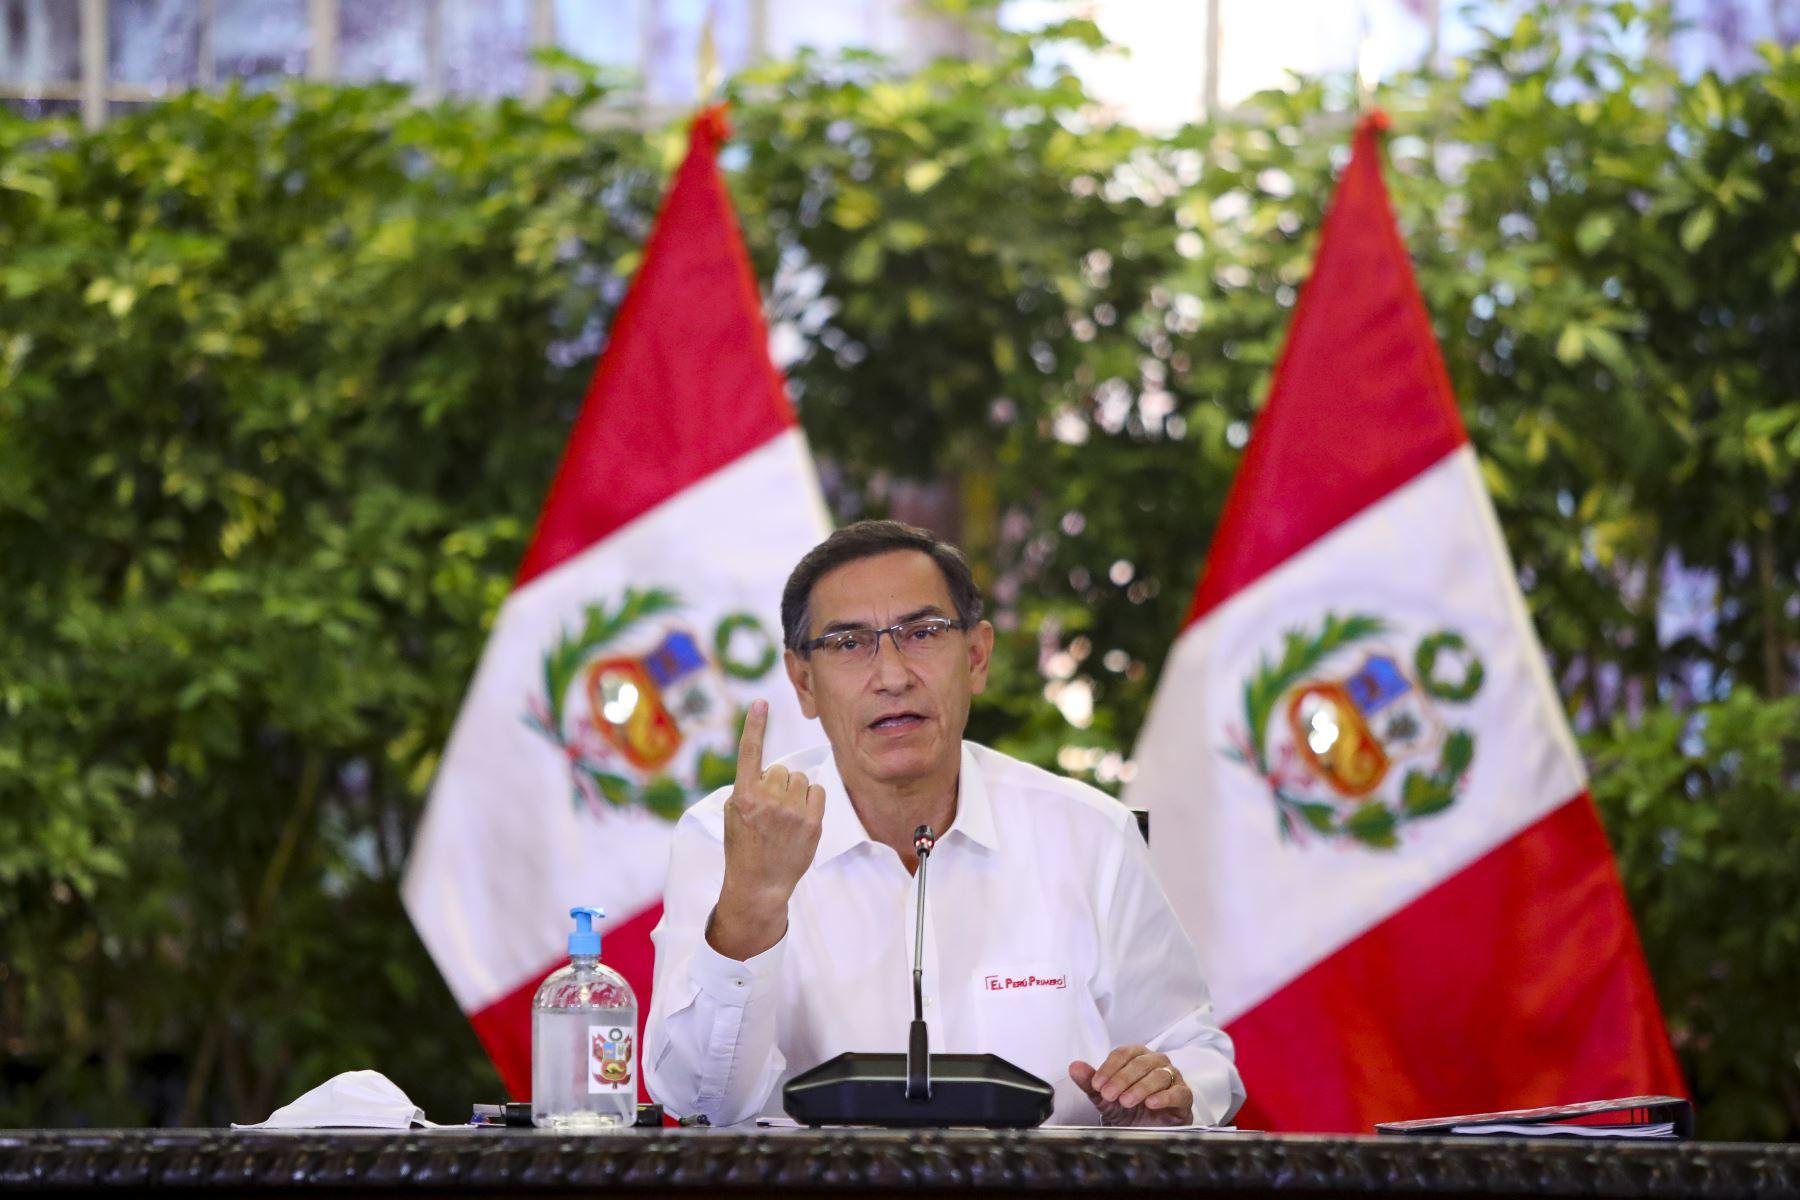 gobierno-ordeno-ampliacion-de-la-cuarentena-hasta-el-30-de-junio-pero-con-flexibilidades